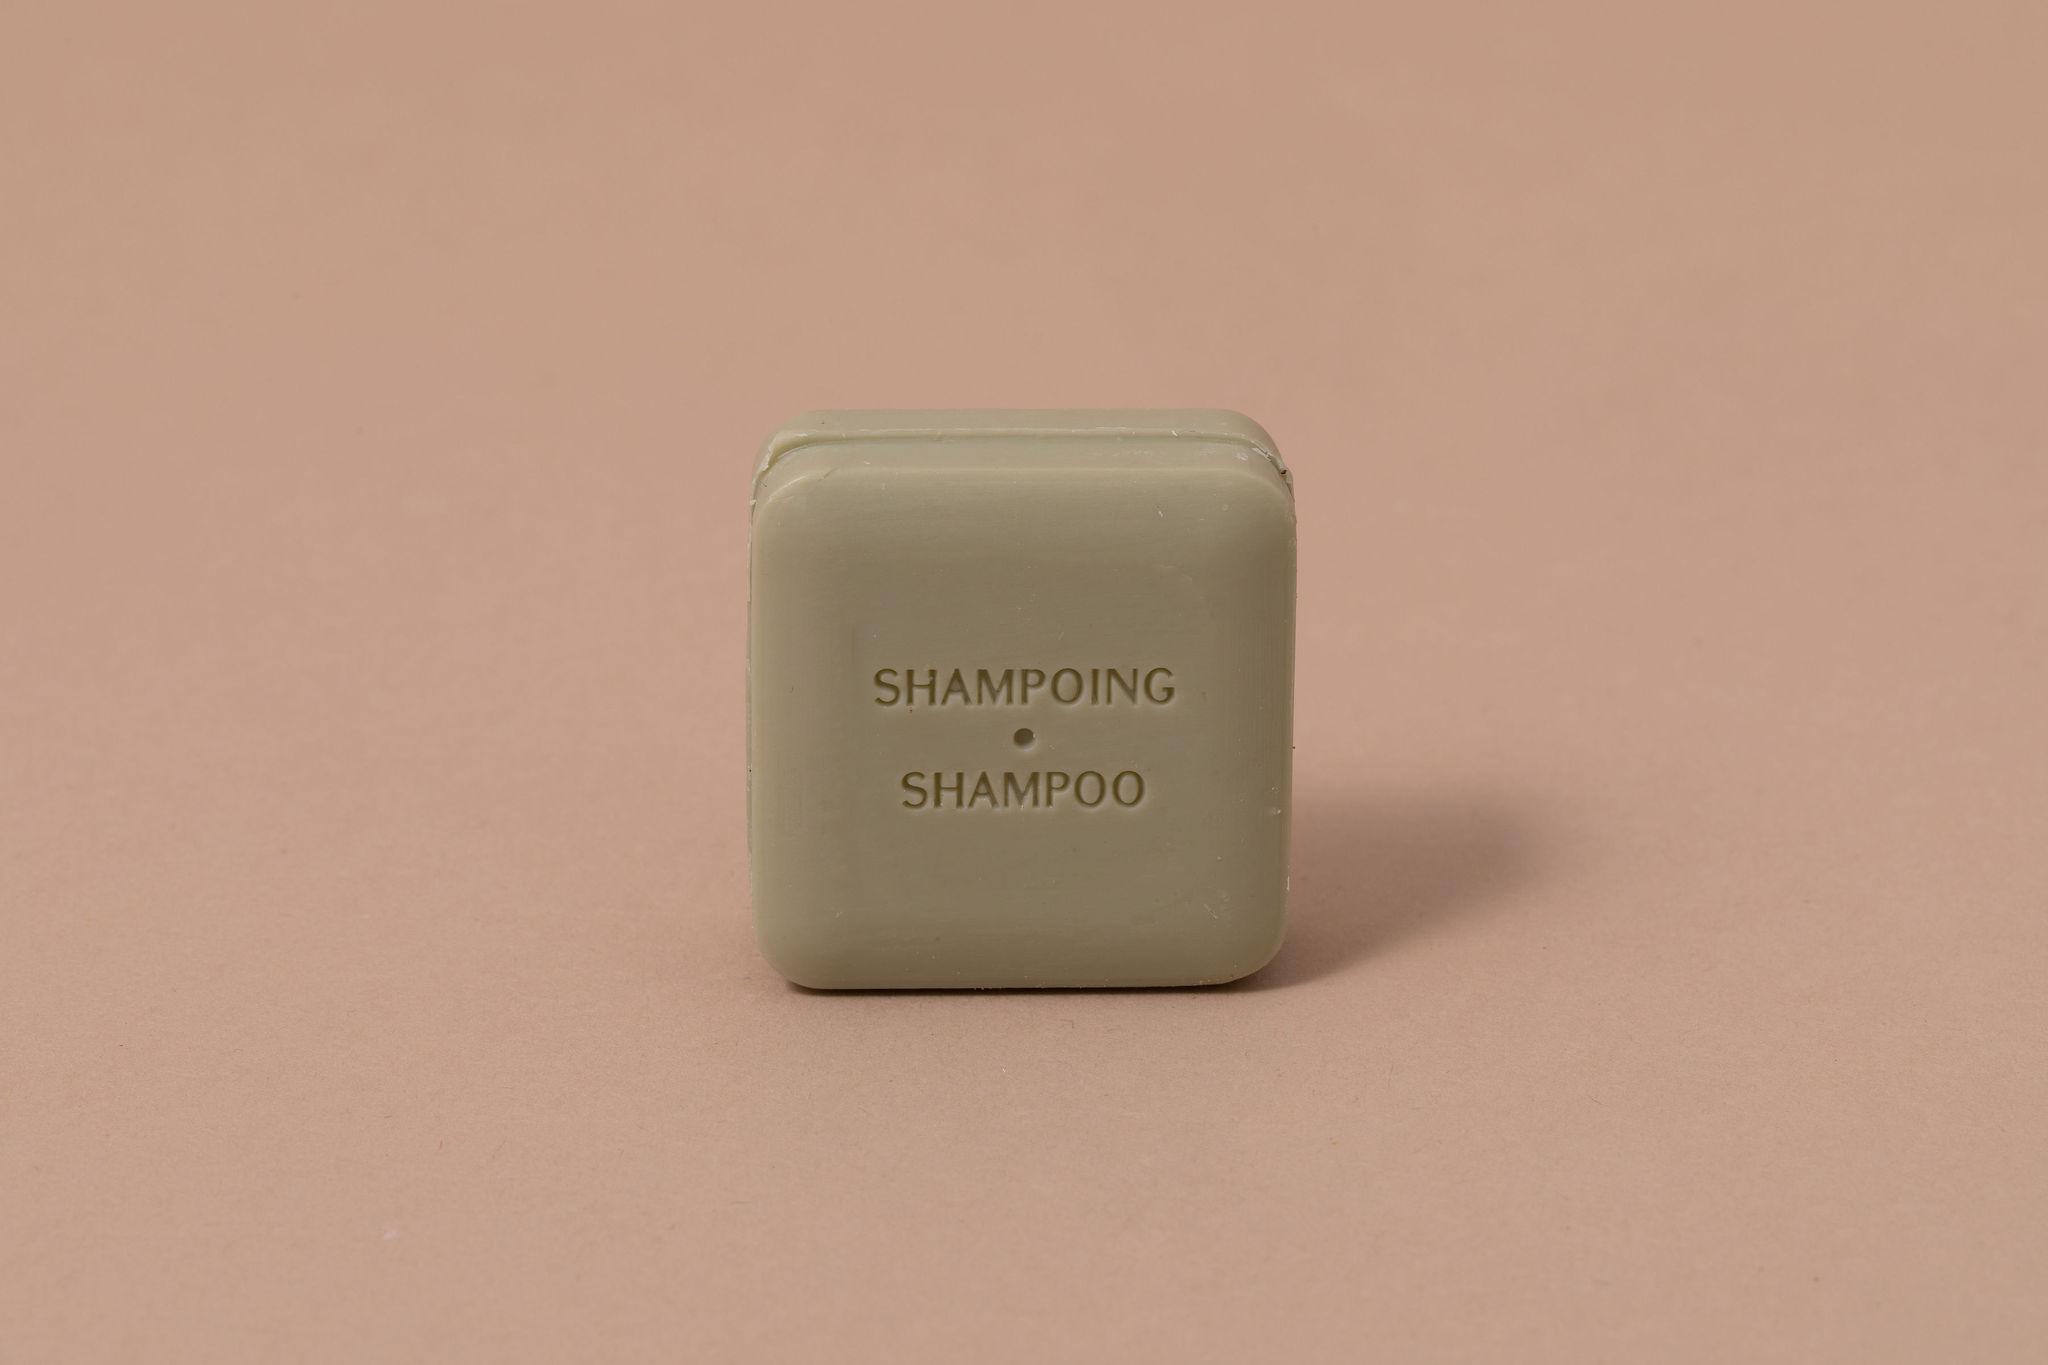 shampoo-solid-shadow-cypress-3